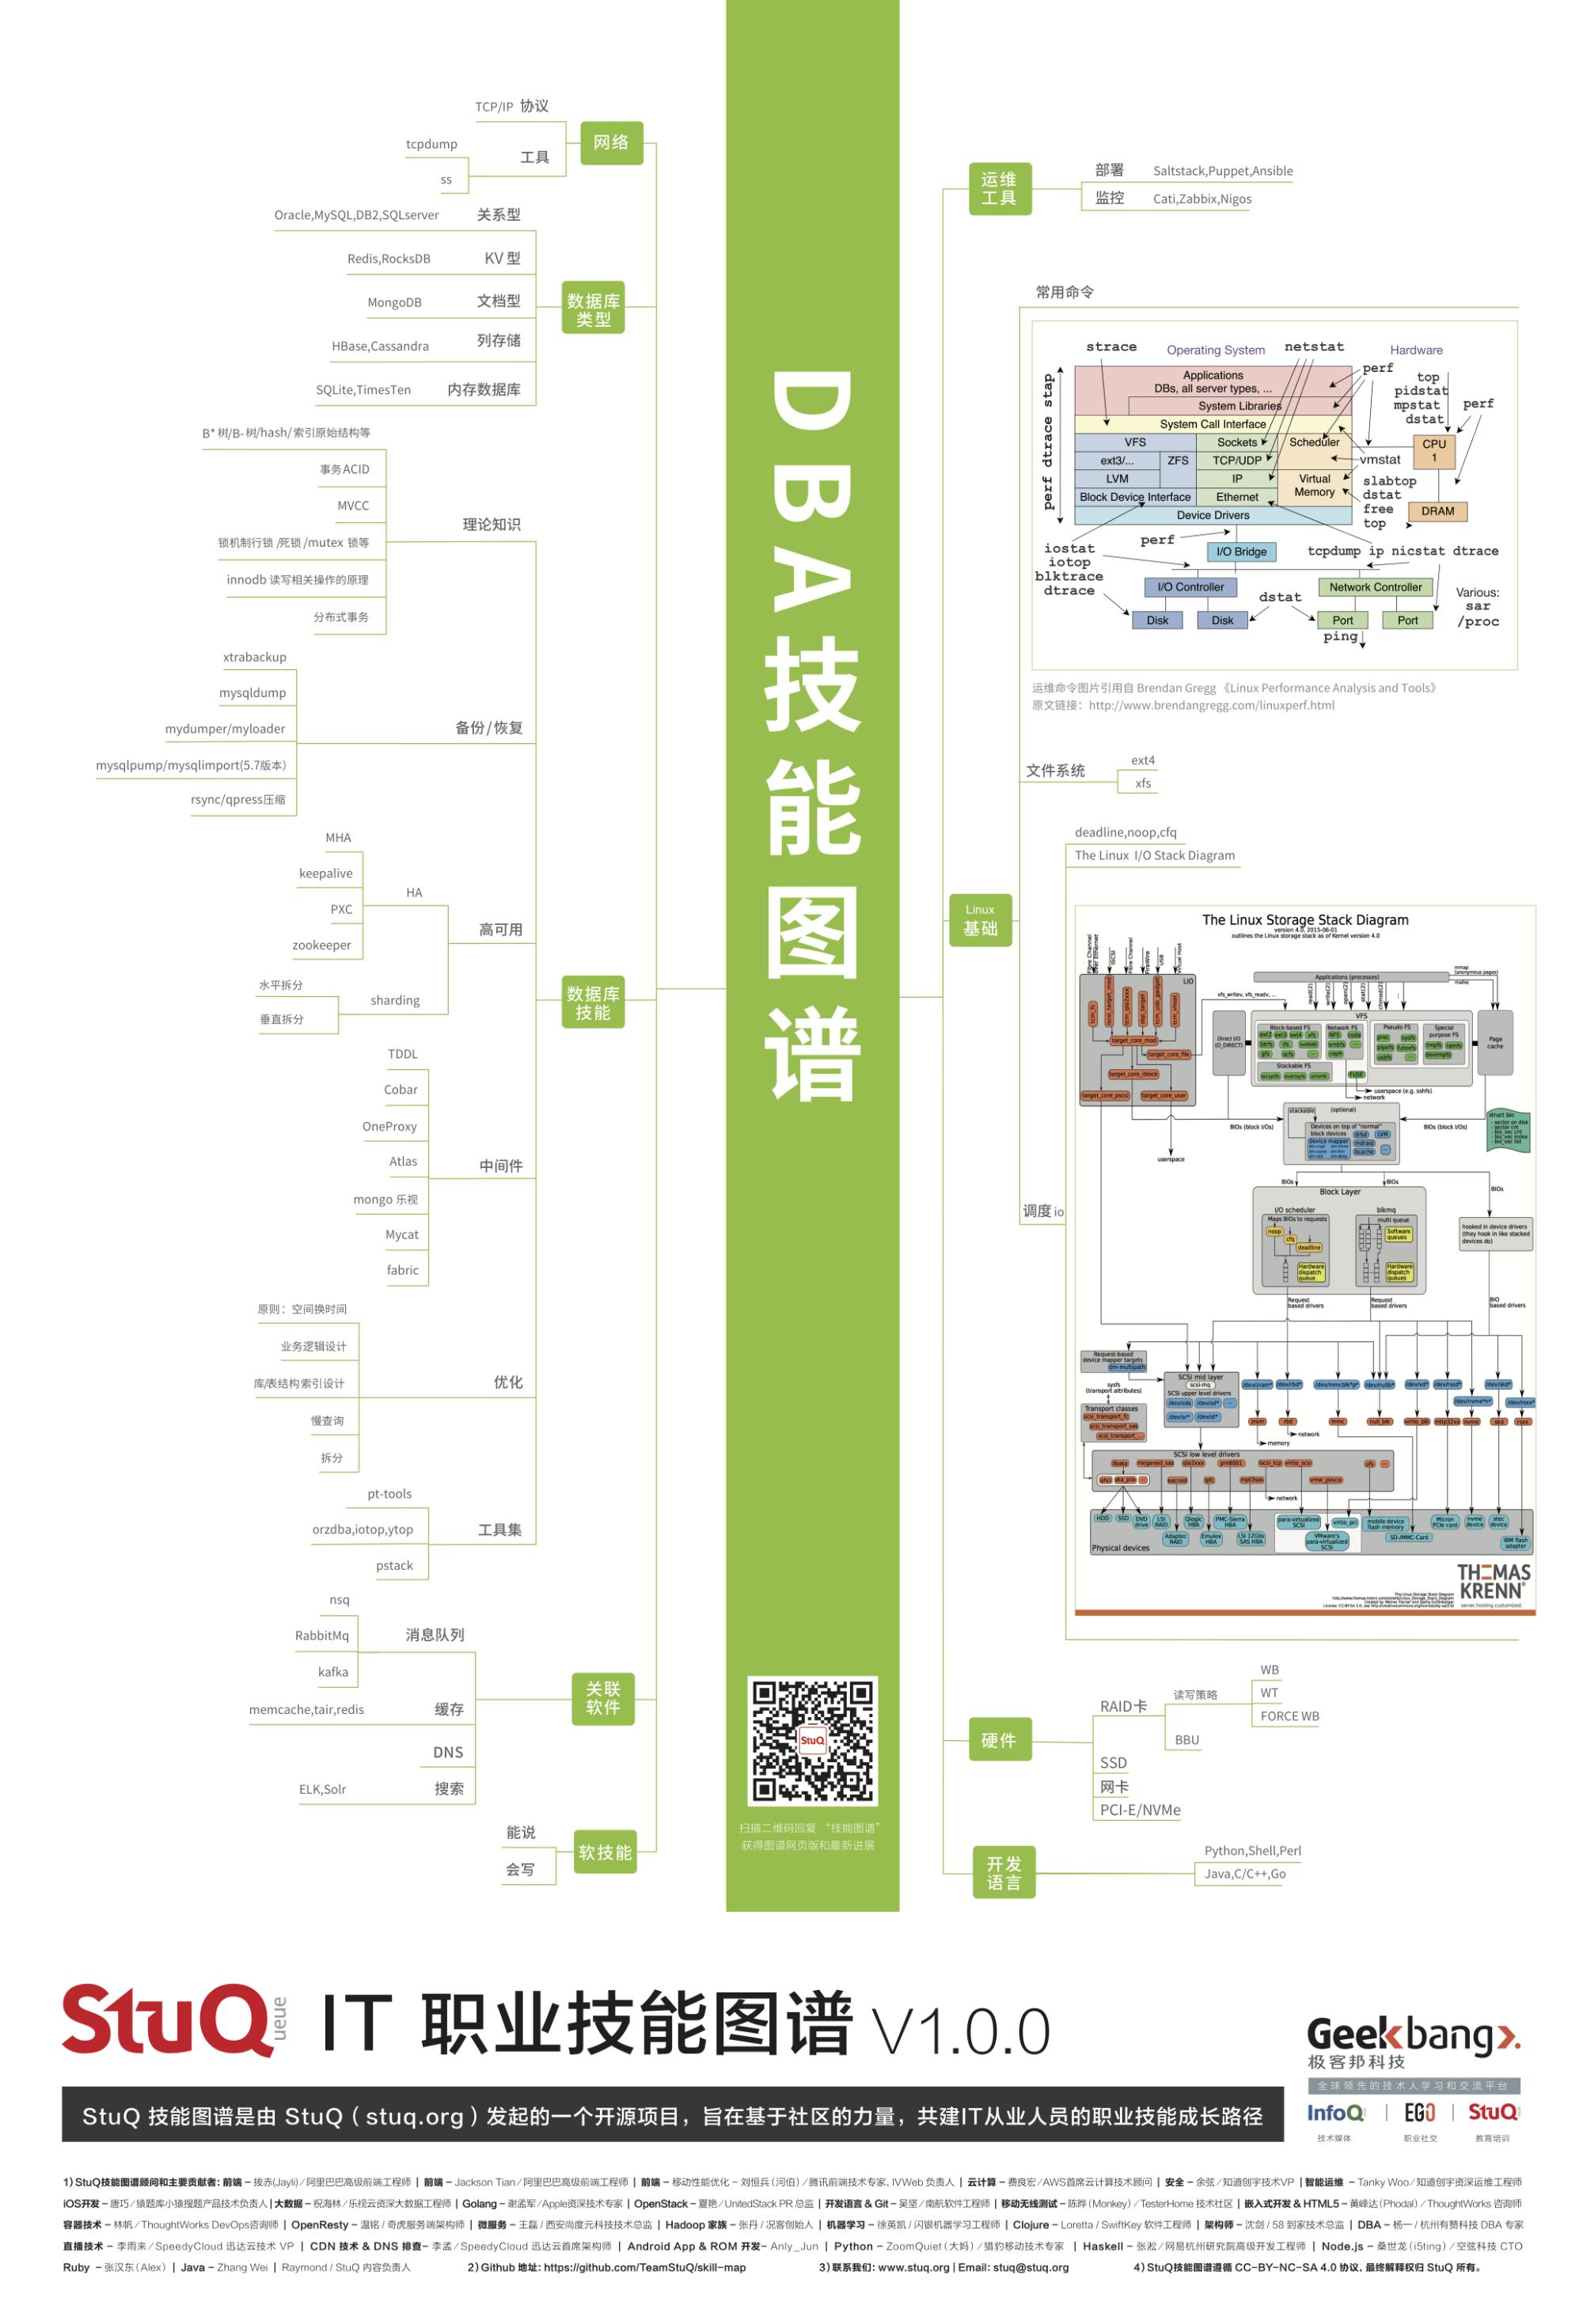 20181211_程序员技能图谱-DBA-by-StuQ.png